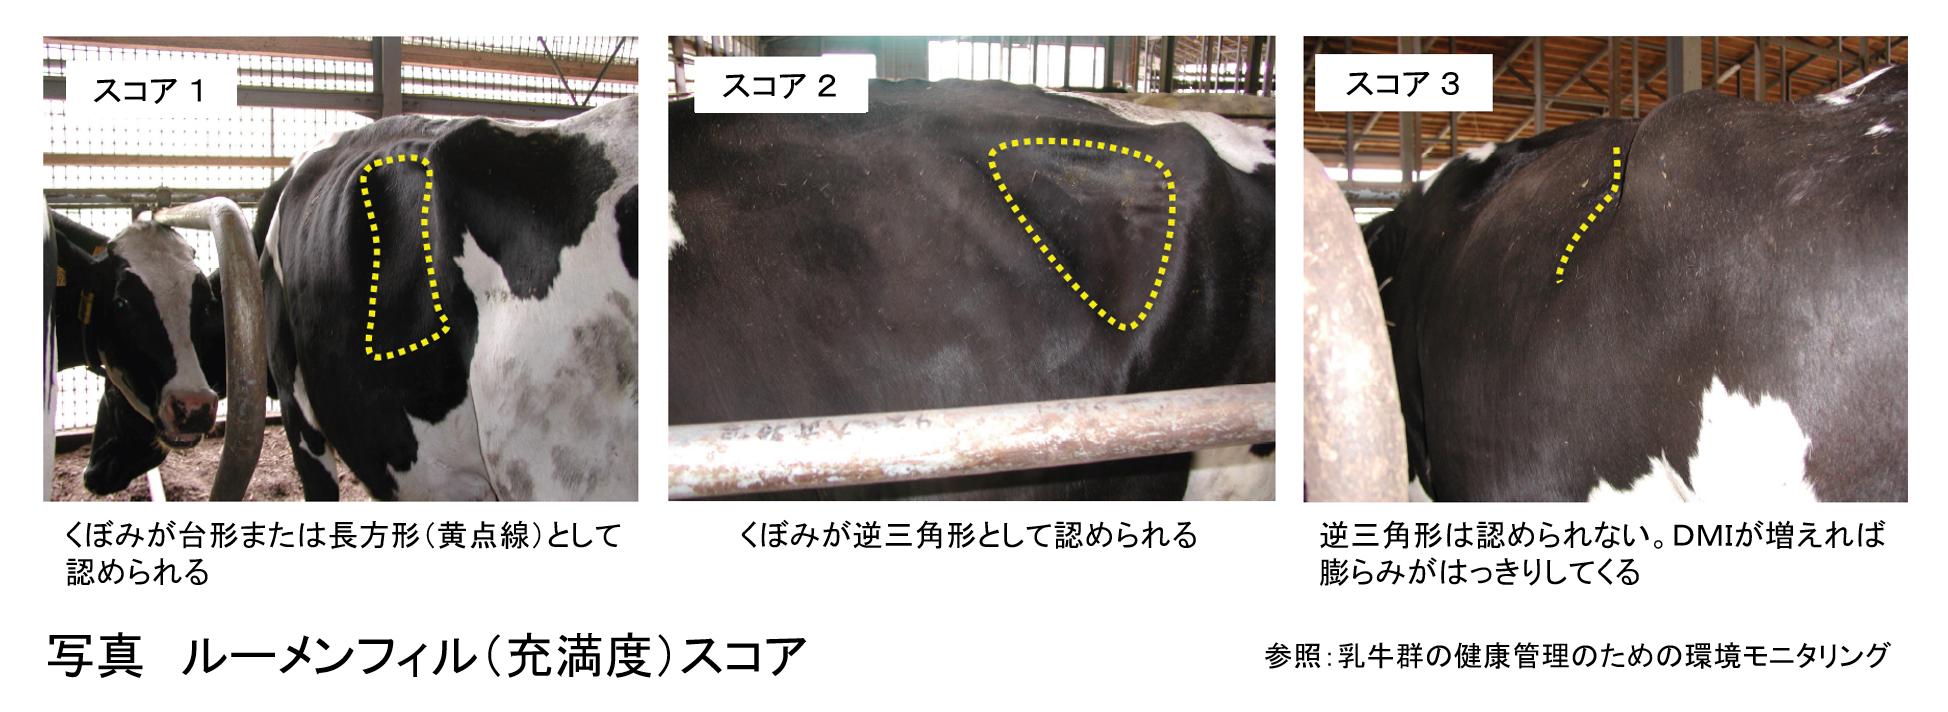 乳牛の周産期疾病予防と飼養環境モニタリング